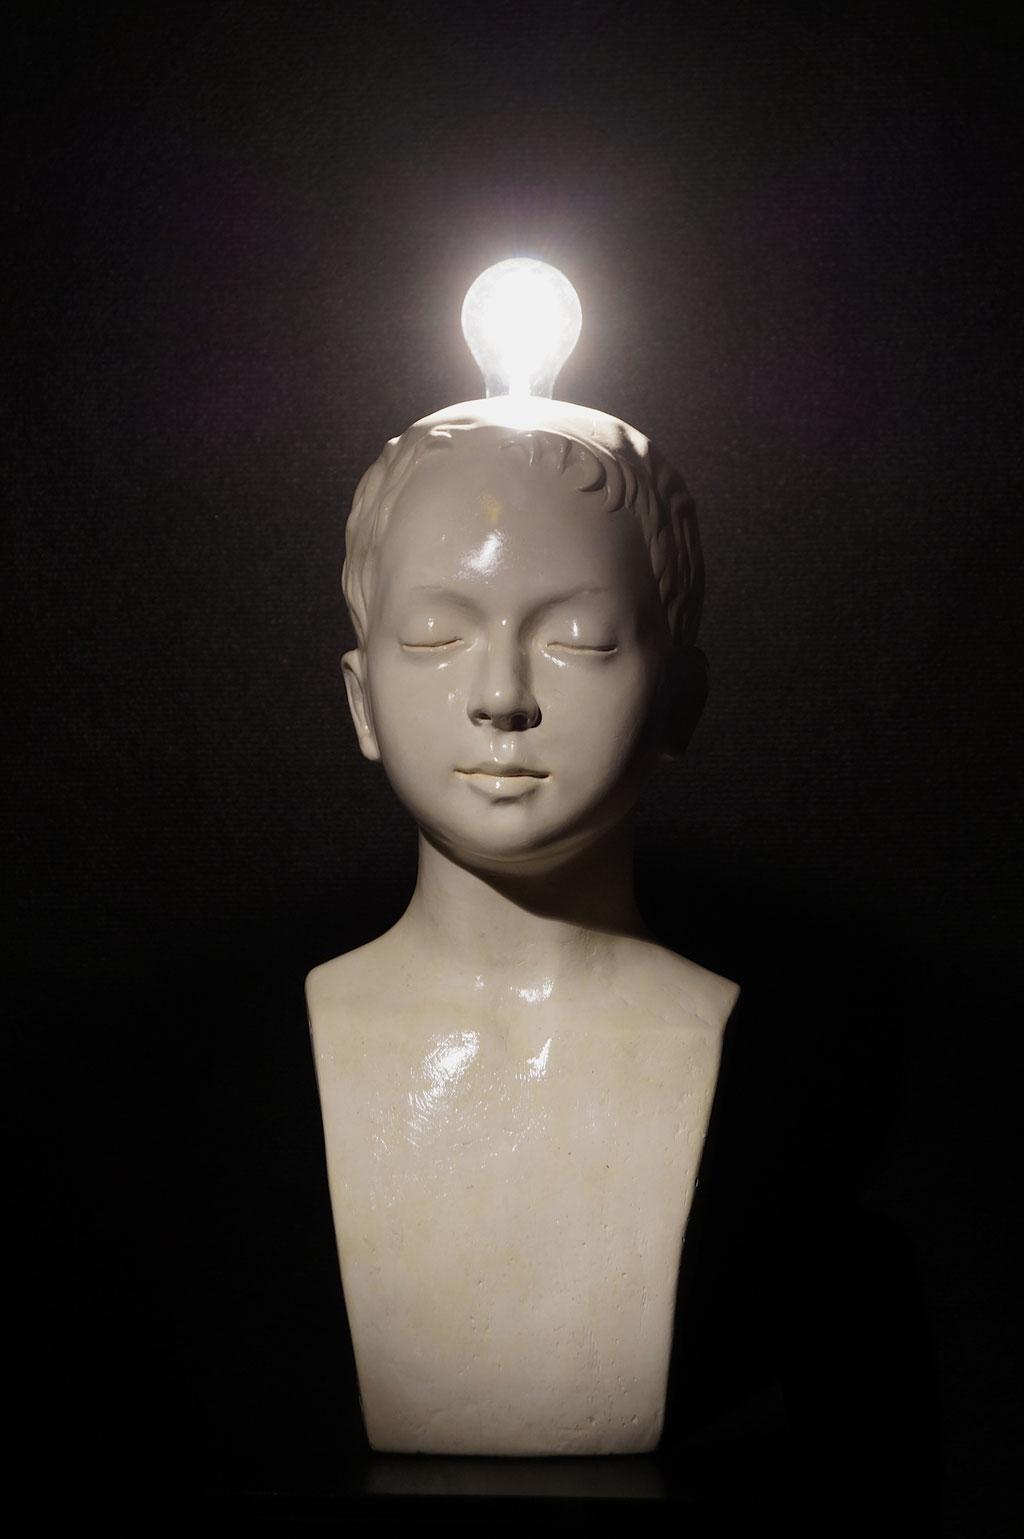 Knabe mit Glühbirne, ca. 55x23x25cm, Alabastergips/Glühbirne, 2016